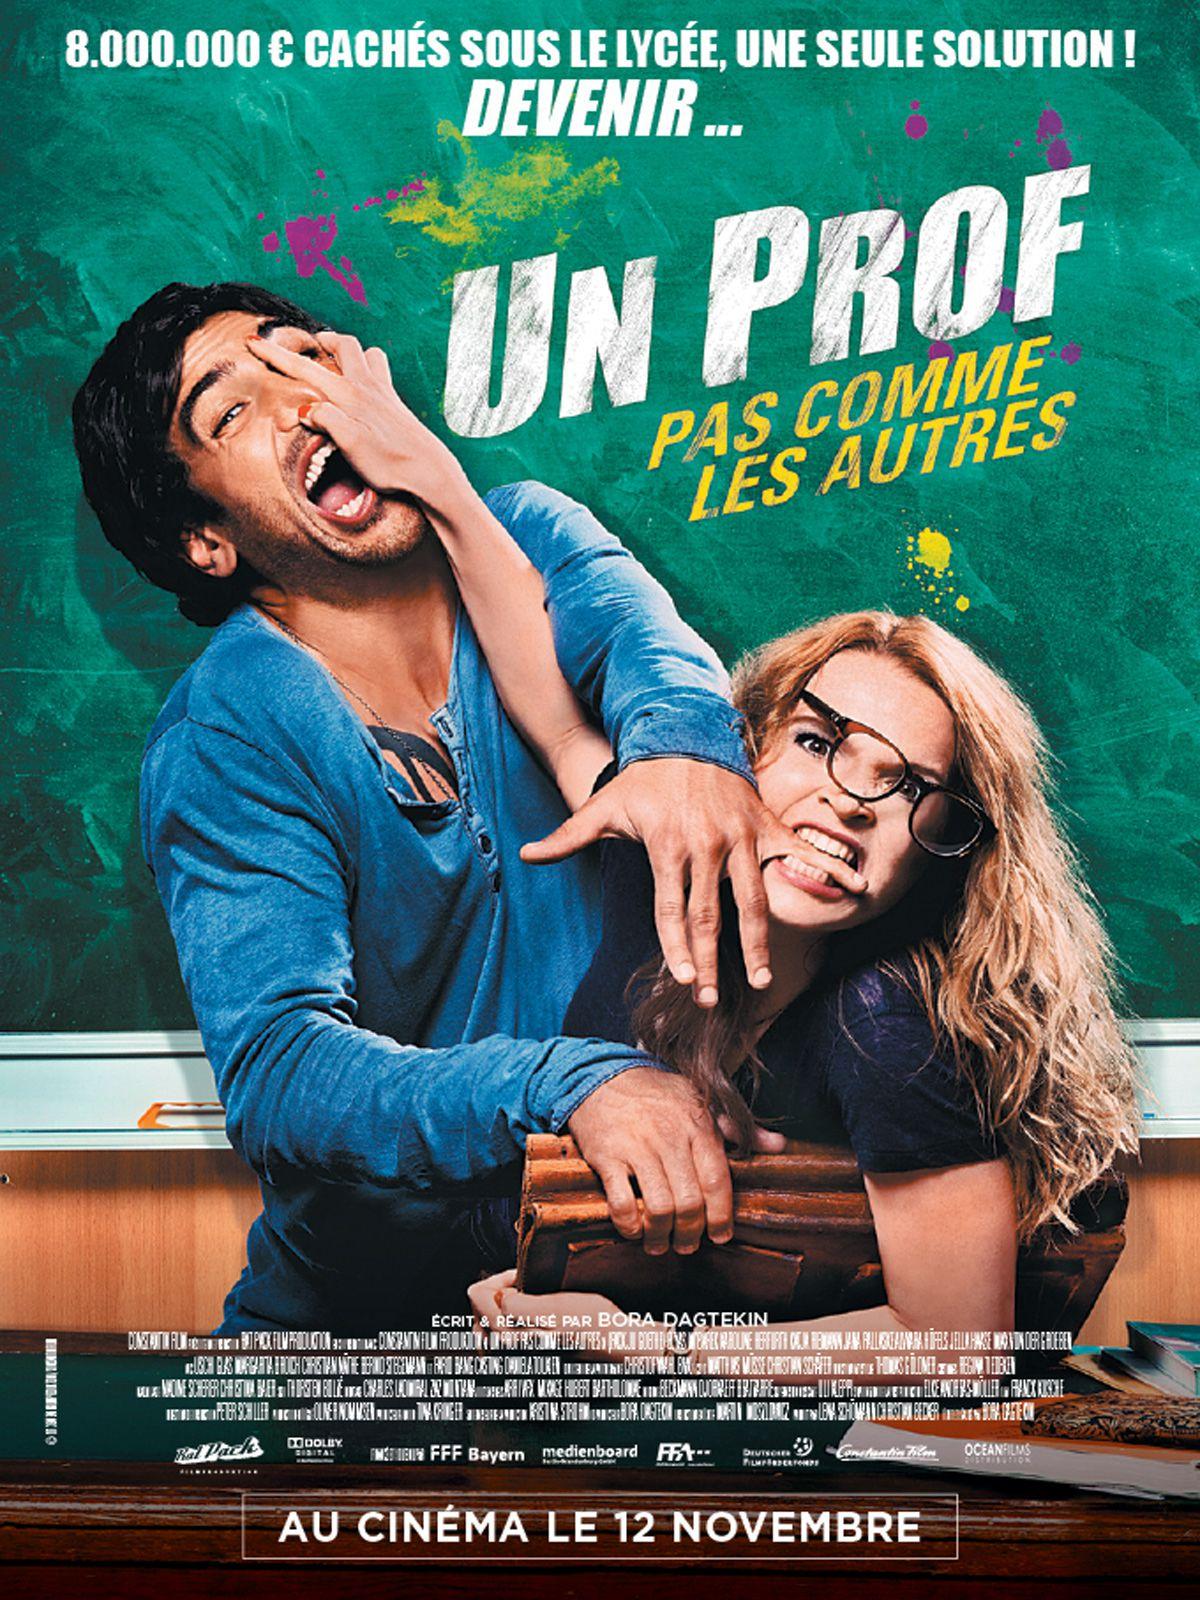 Un prof pas comme les autres - Film (2014)